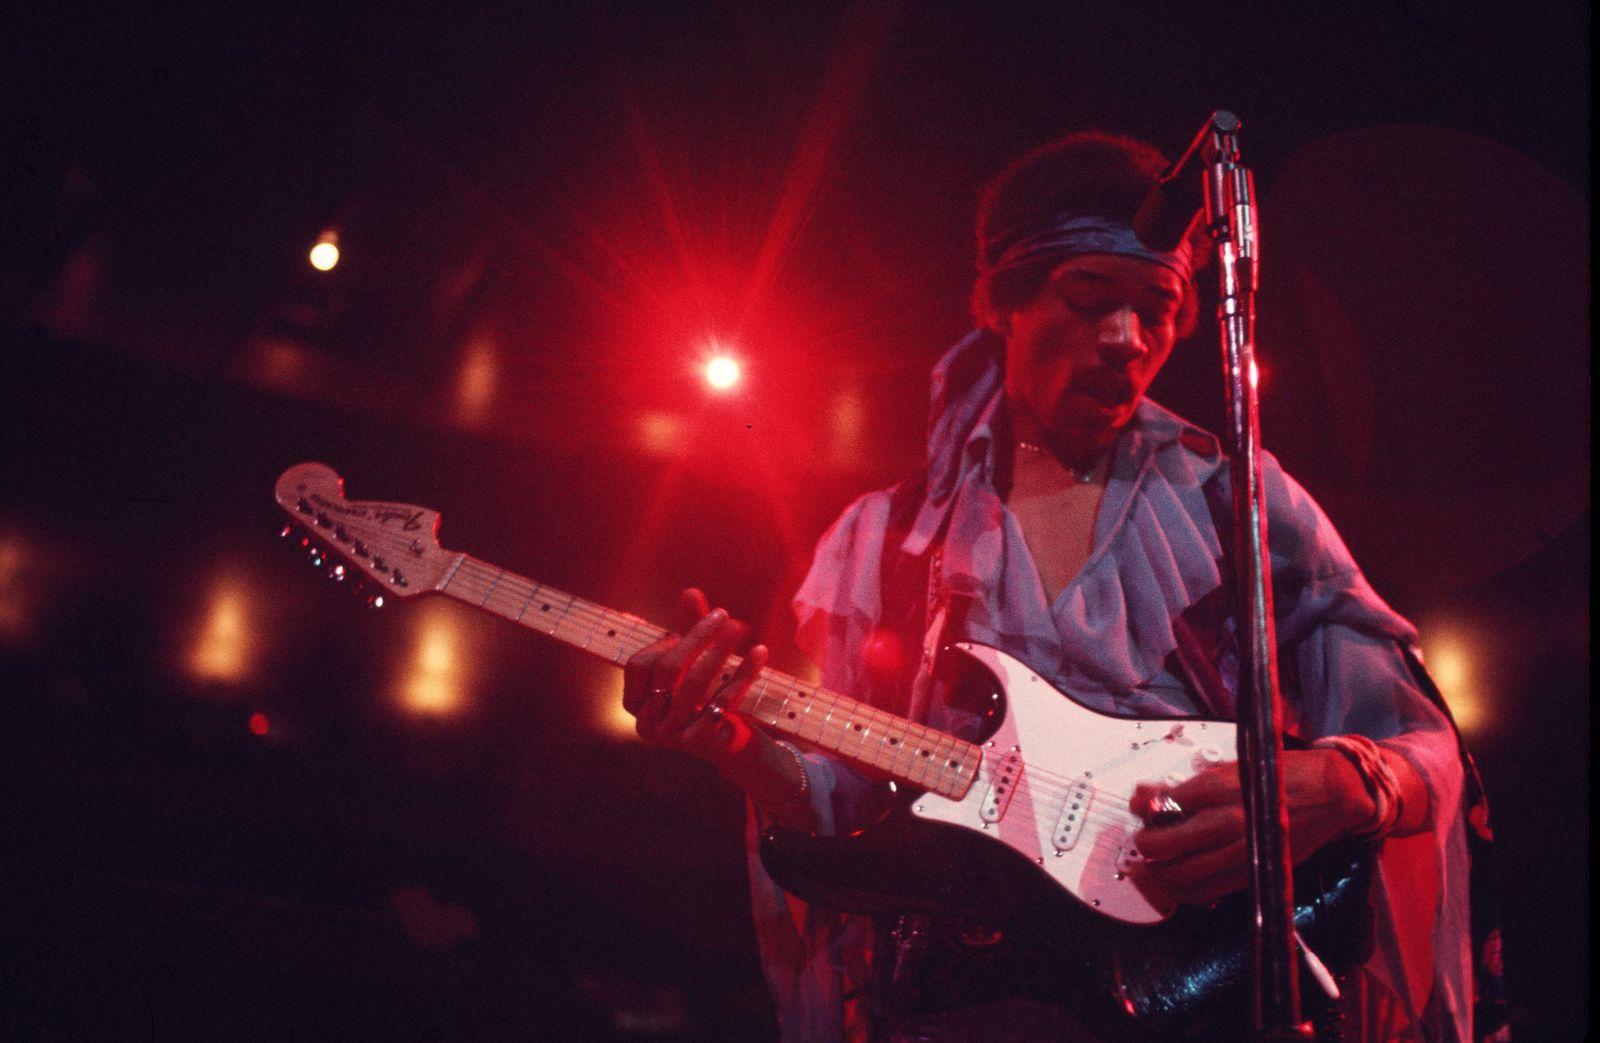 Henkersmahlzeit - Jimi Hendrix Performs in New York